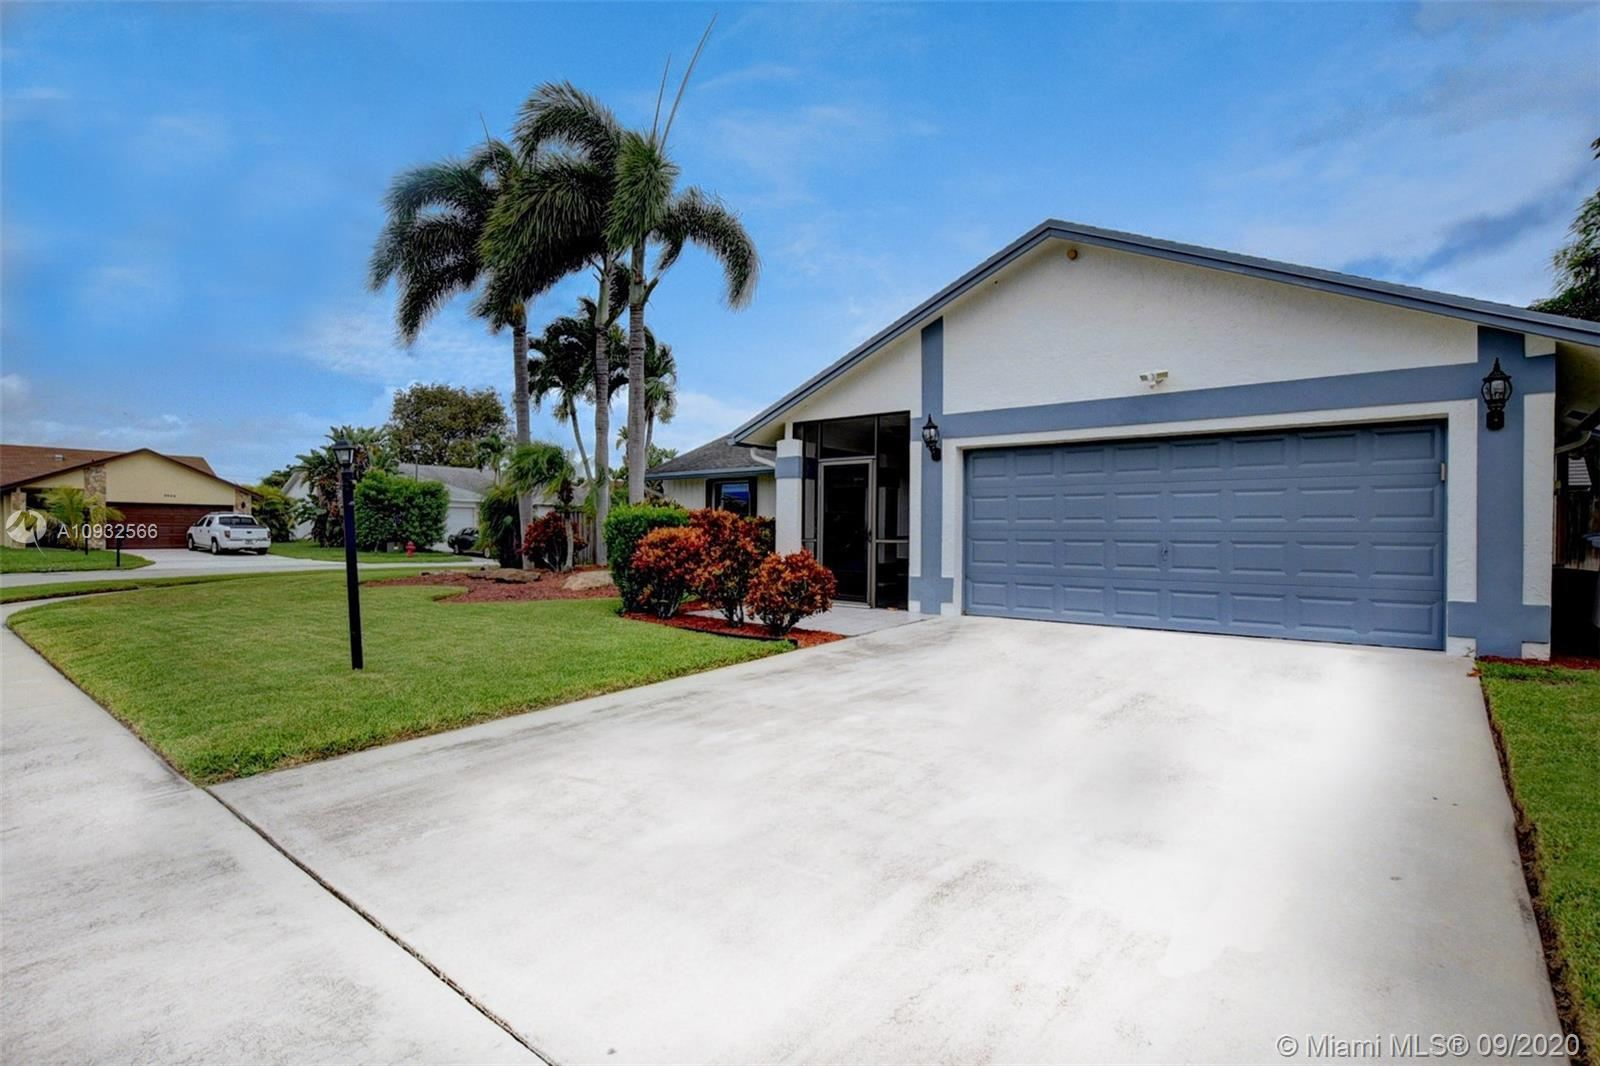 Photo of 9853 Majorca Pl, Boca Raton, FL 33434 (MLS # A10932566)